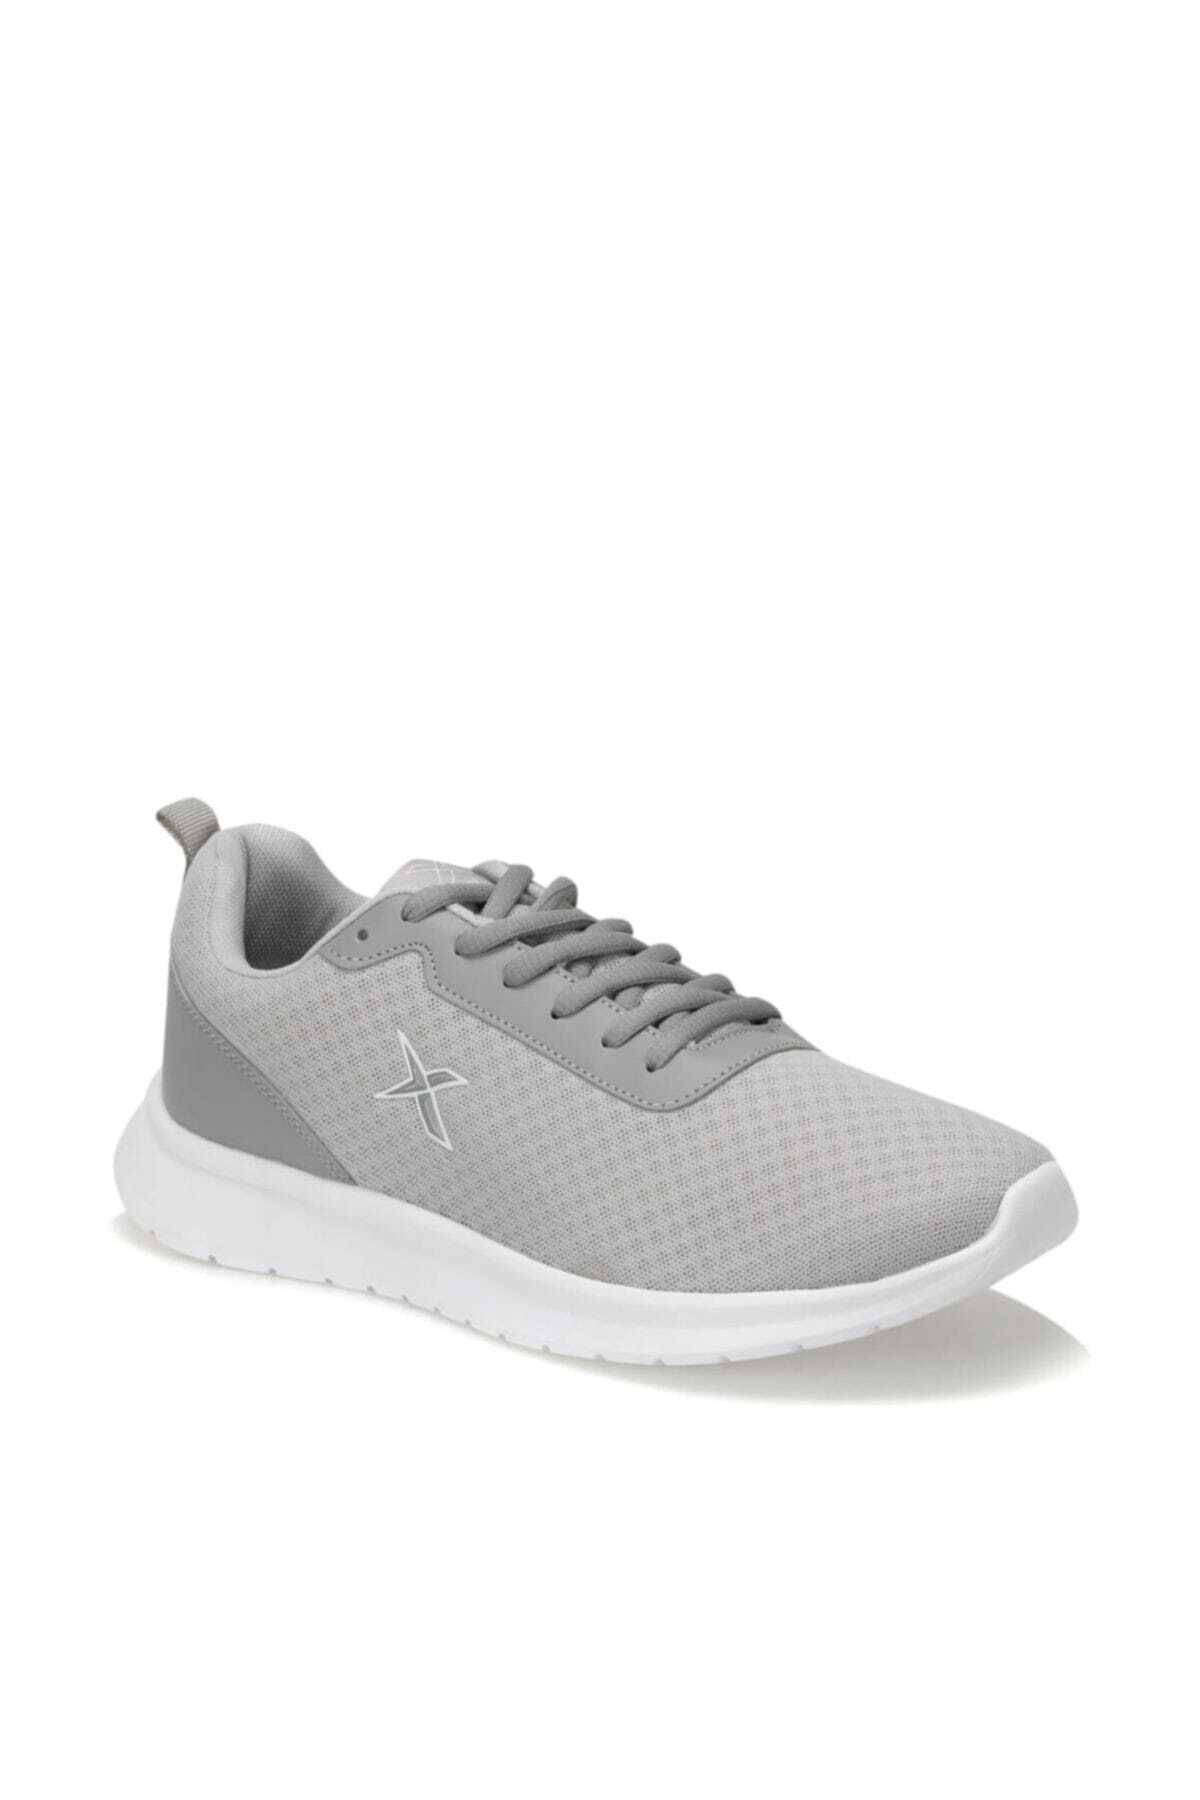 خرید اینترنتی کفش مخصوص دویدن بلند برند کینتیکس kinetix رنگ نقره ای کد ty6006752